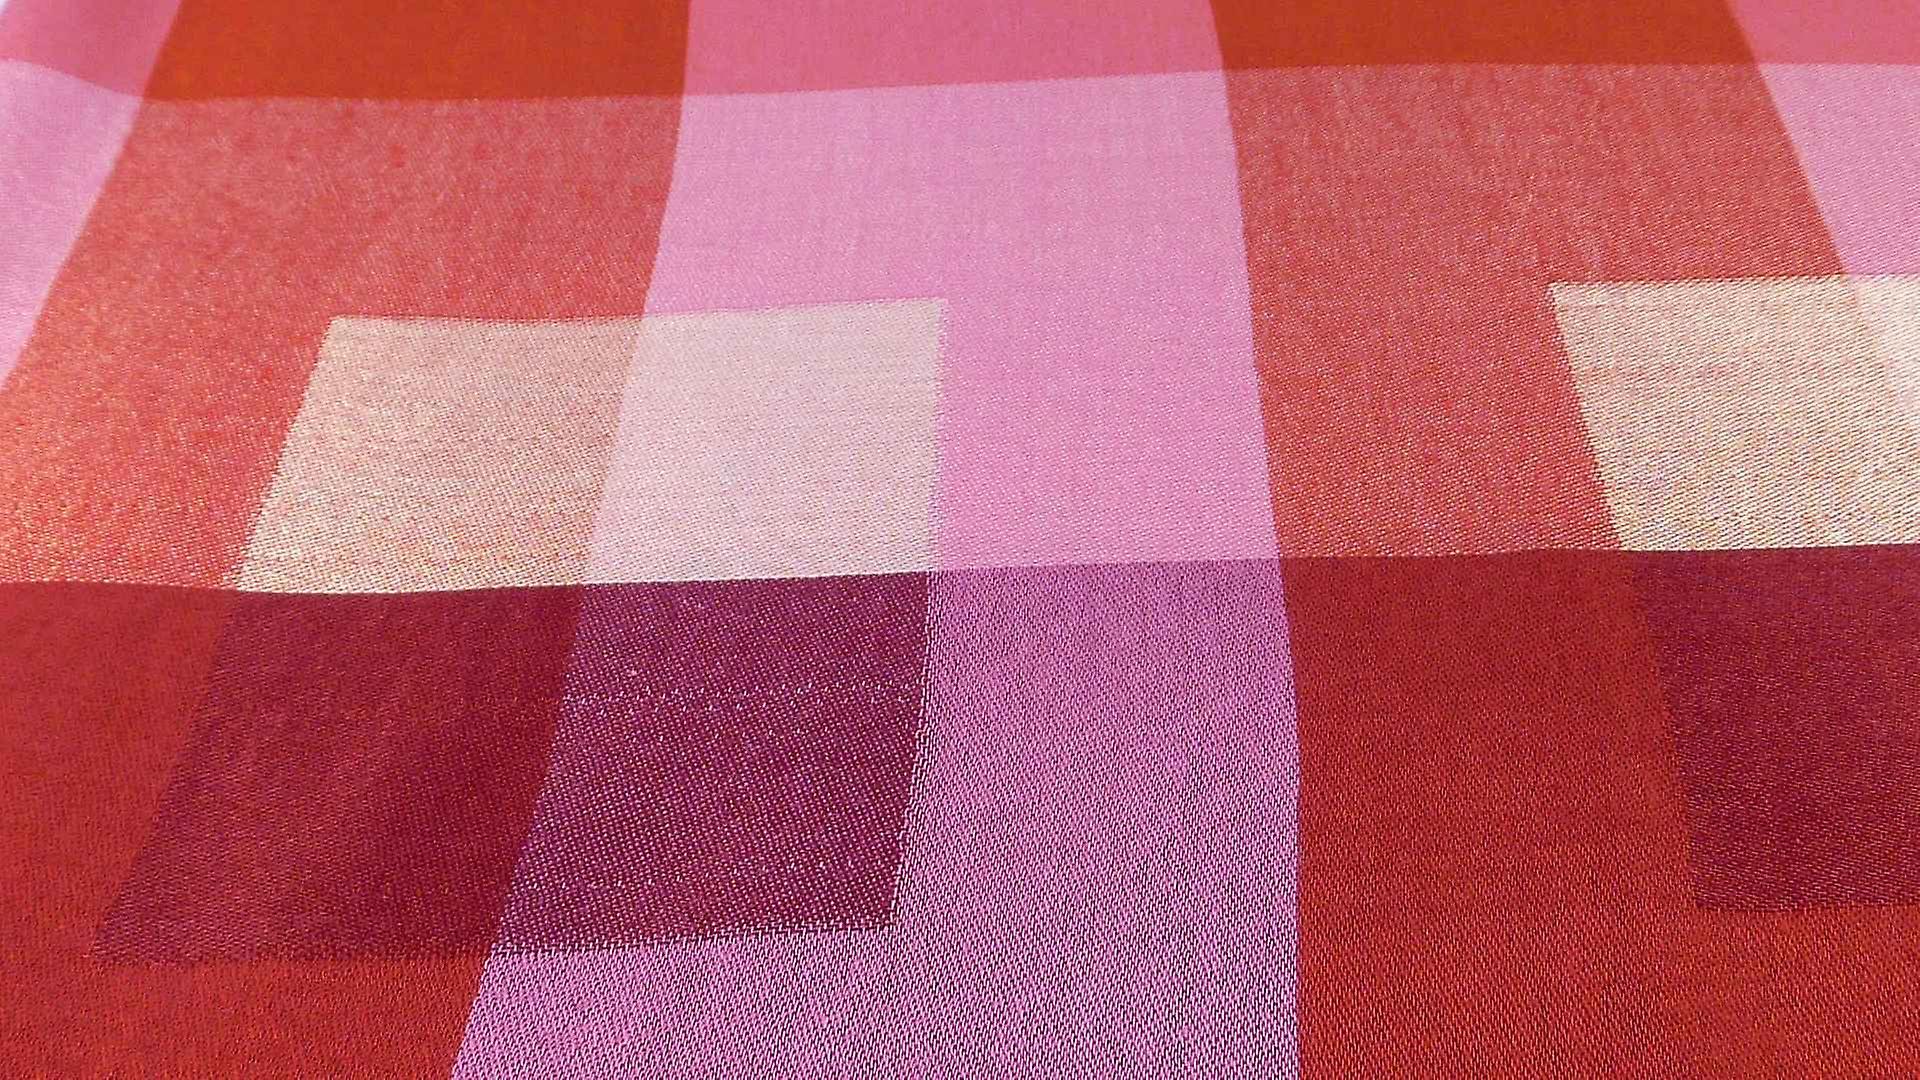 Premium Silk Stole Mondrian Pattern Red & Pink Colourway by Pashmina & Silk